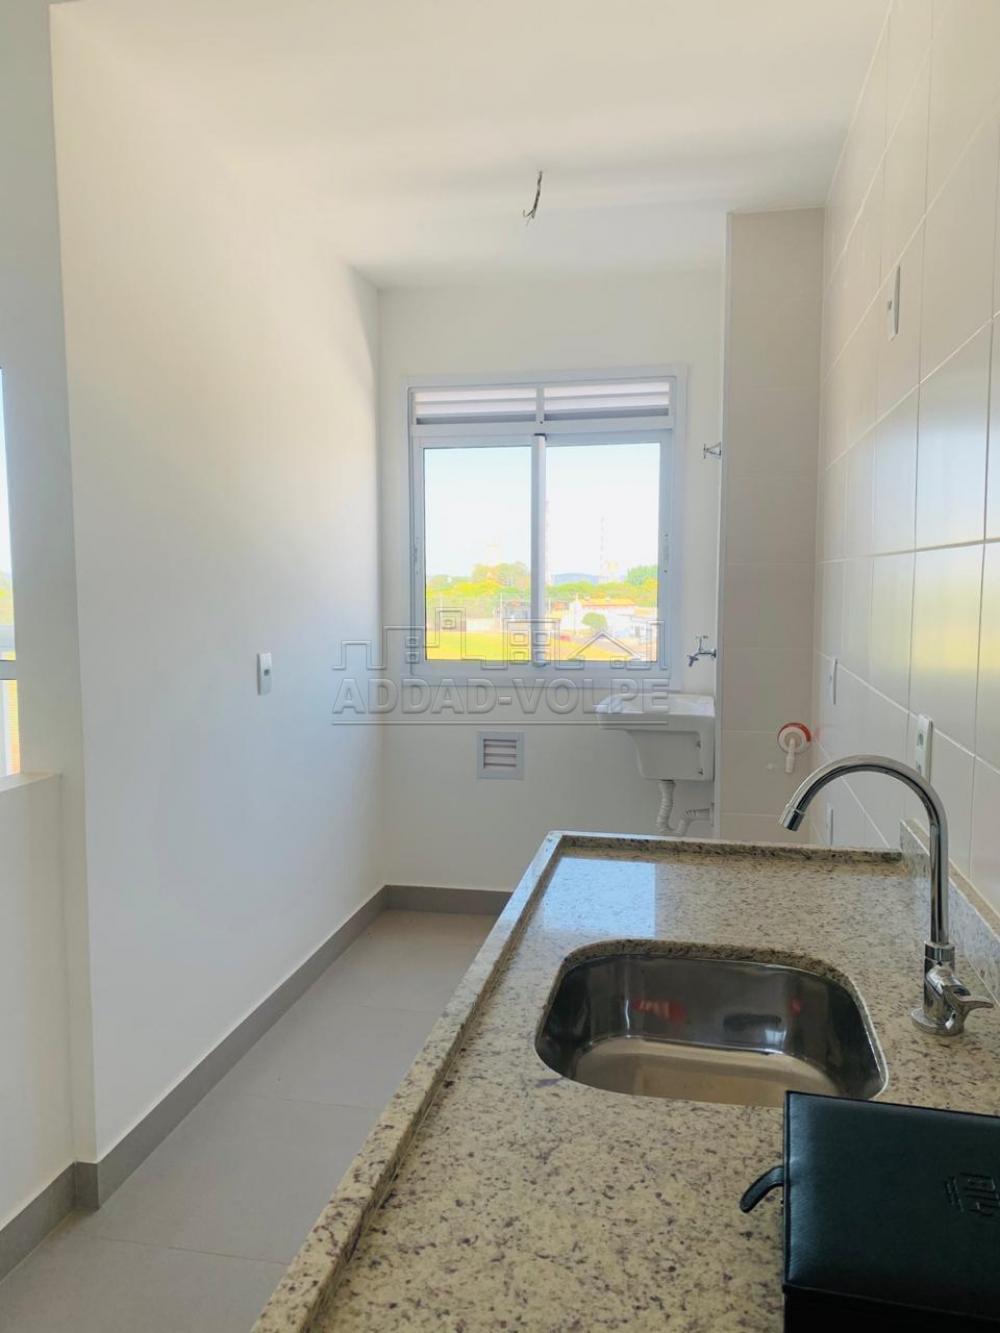 Comprar Apartamento / Padrão em Bauru R$ 345.000,00 - Foto 3